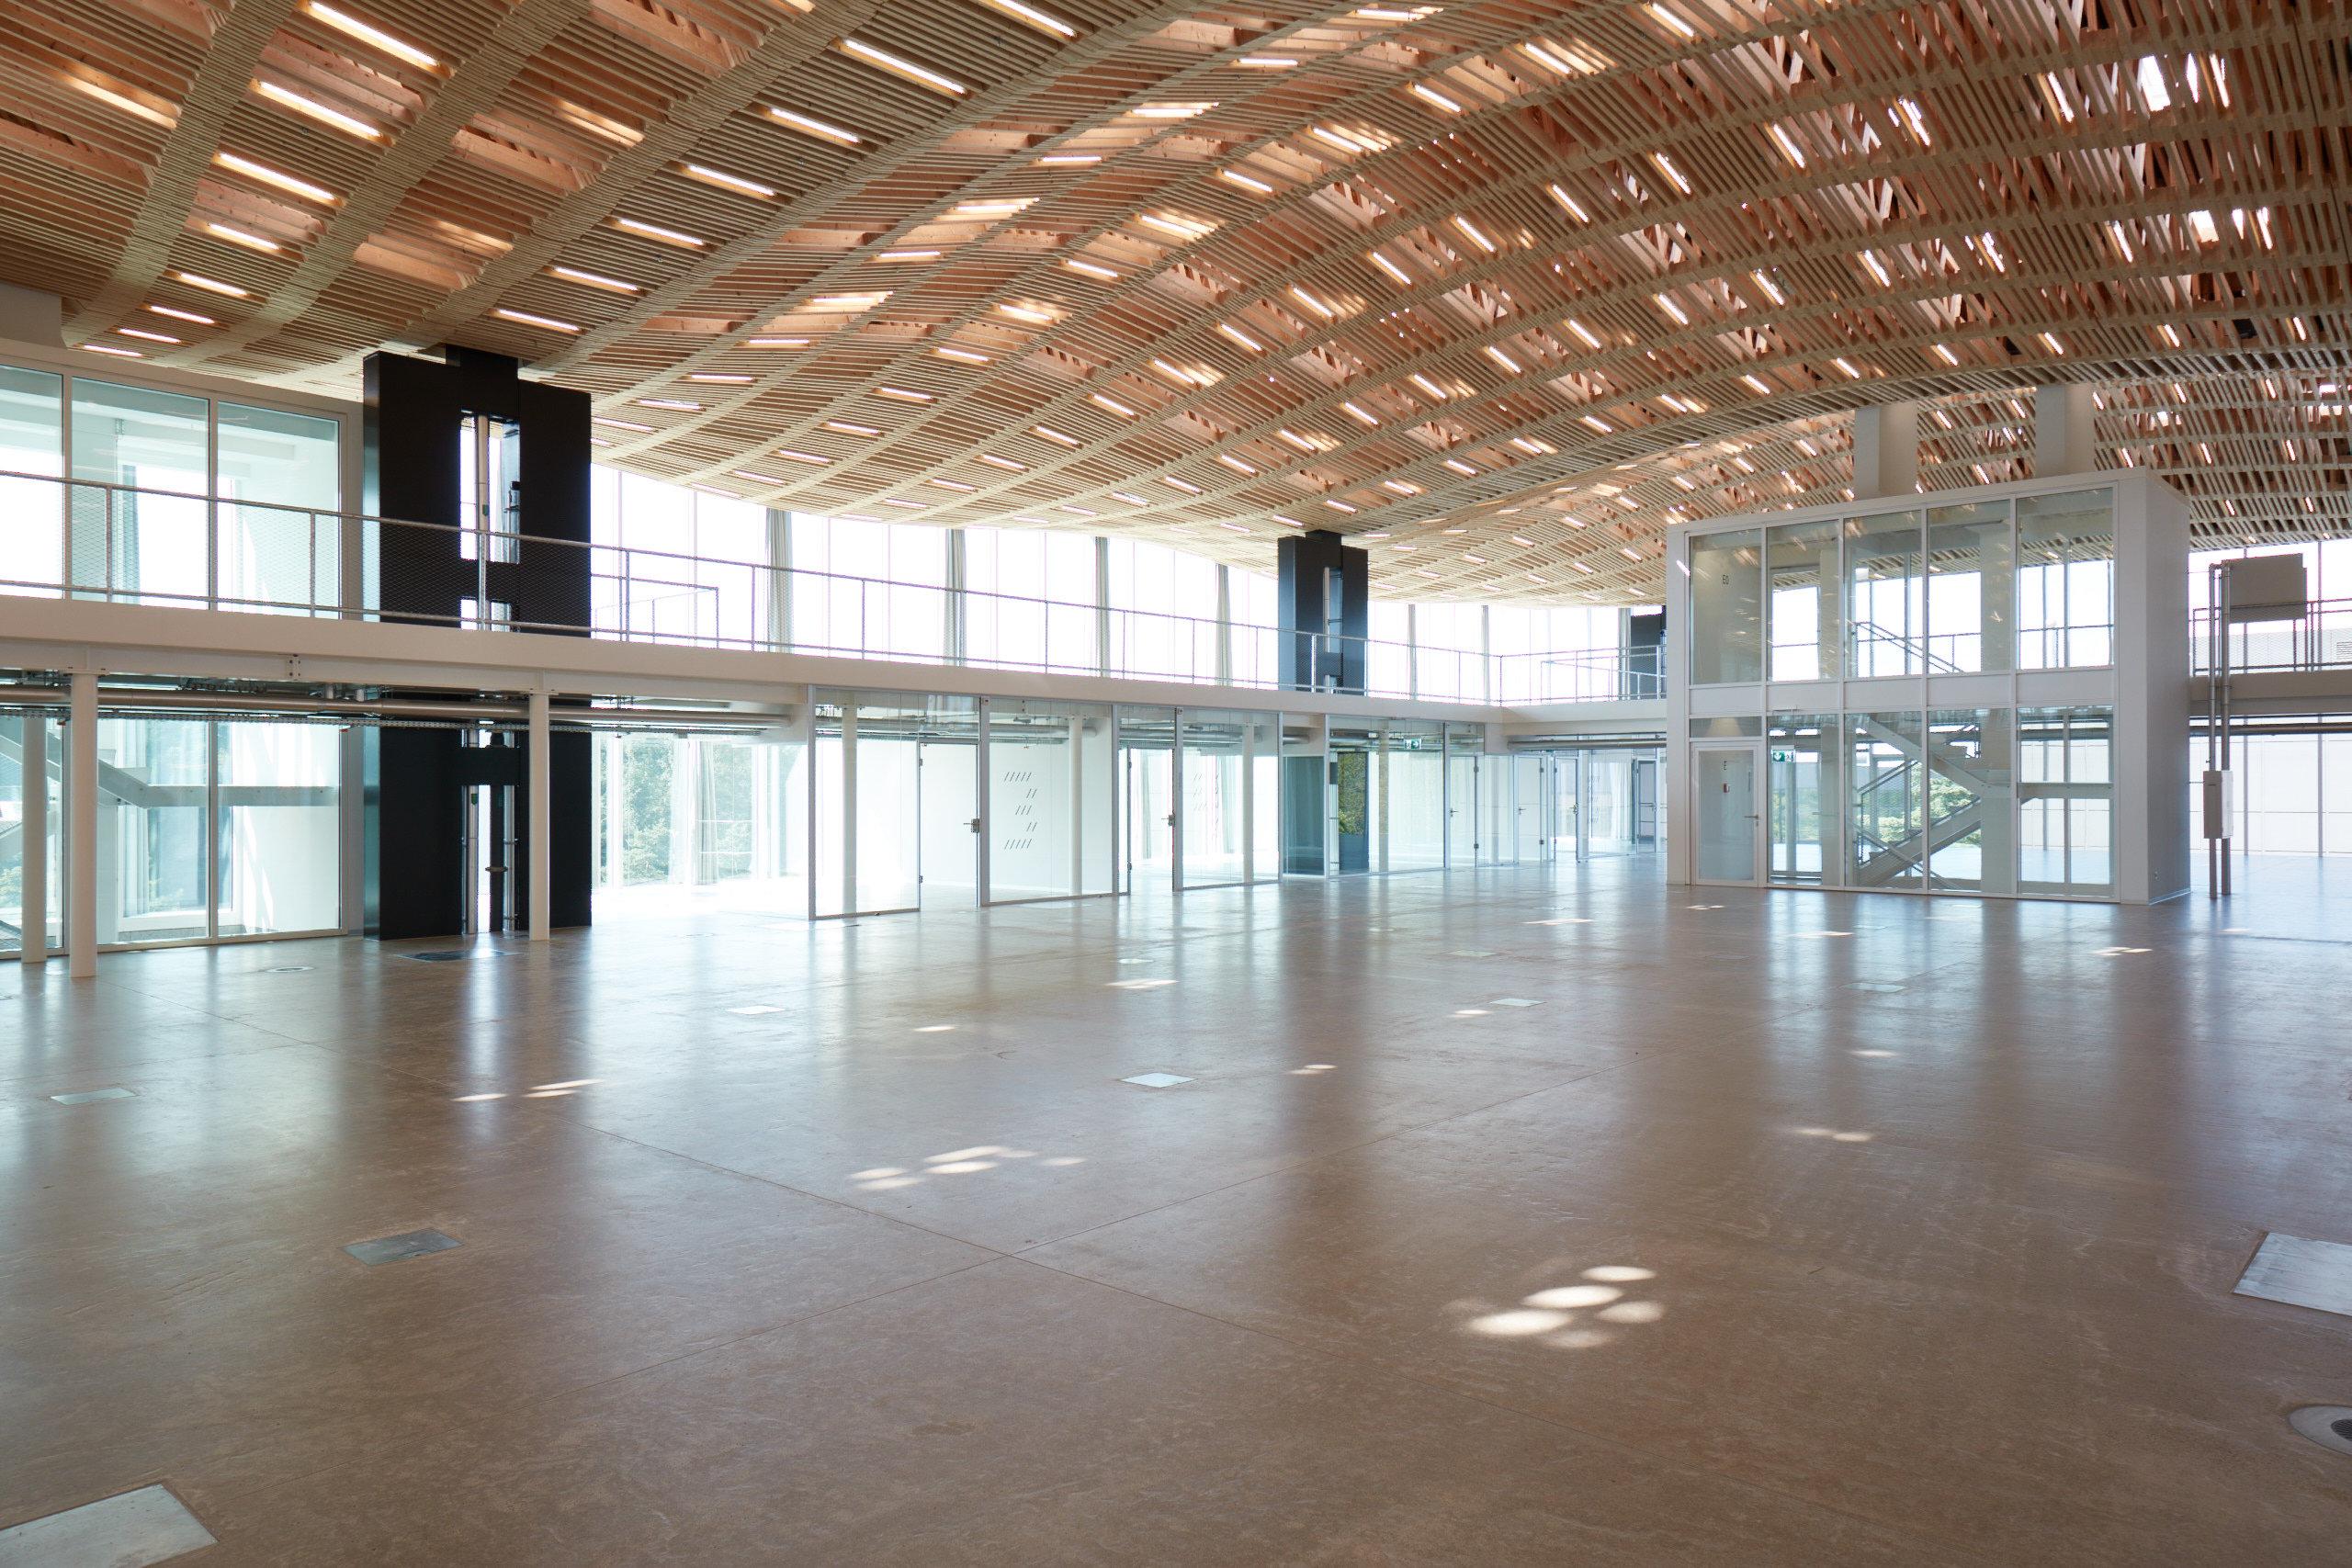 Halle Fensterfassade + gewölbtes Holzdach aus Fachwerkträgern innen